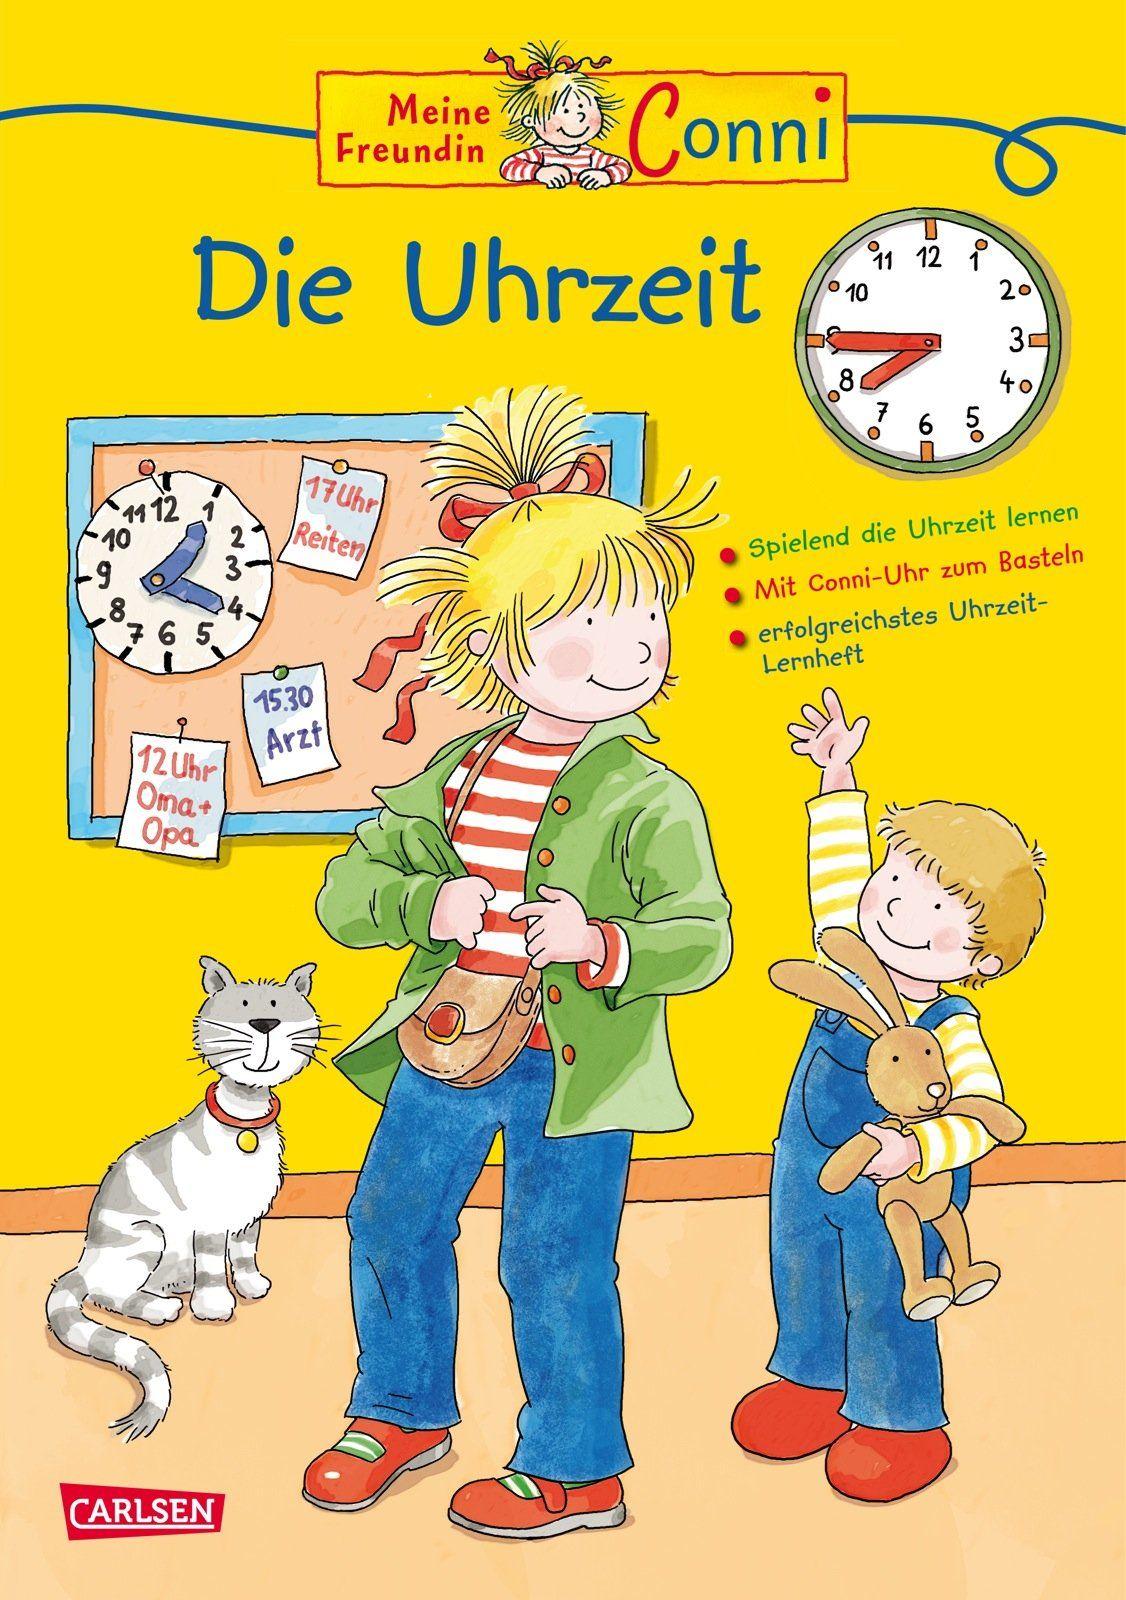 Conni Gelbe Reihe: Die Uhrzeit (Relaunch): Amazon.de: Hanna Sörensen, Ulrich Velte: Bücher